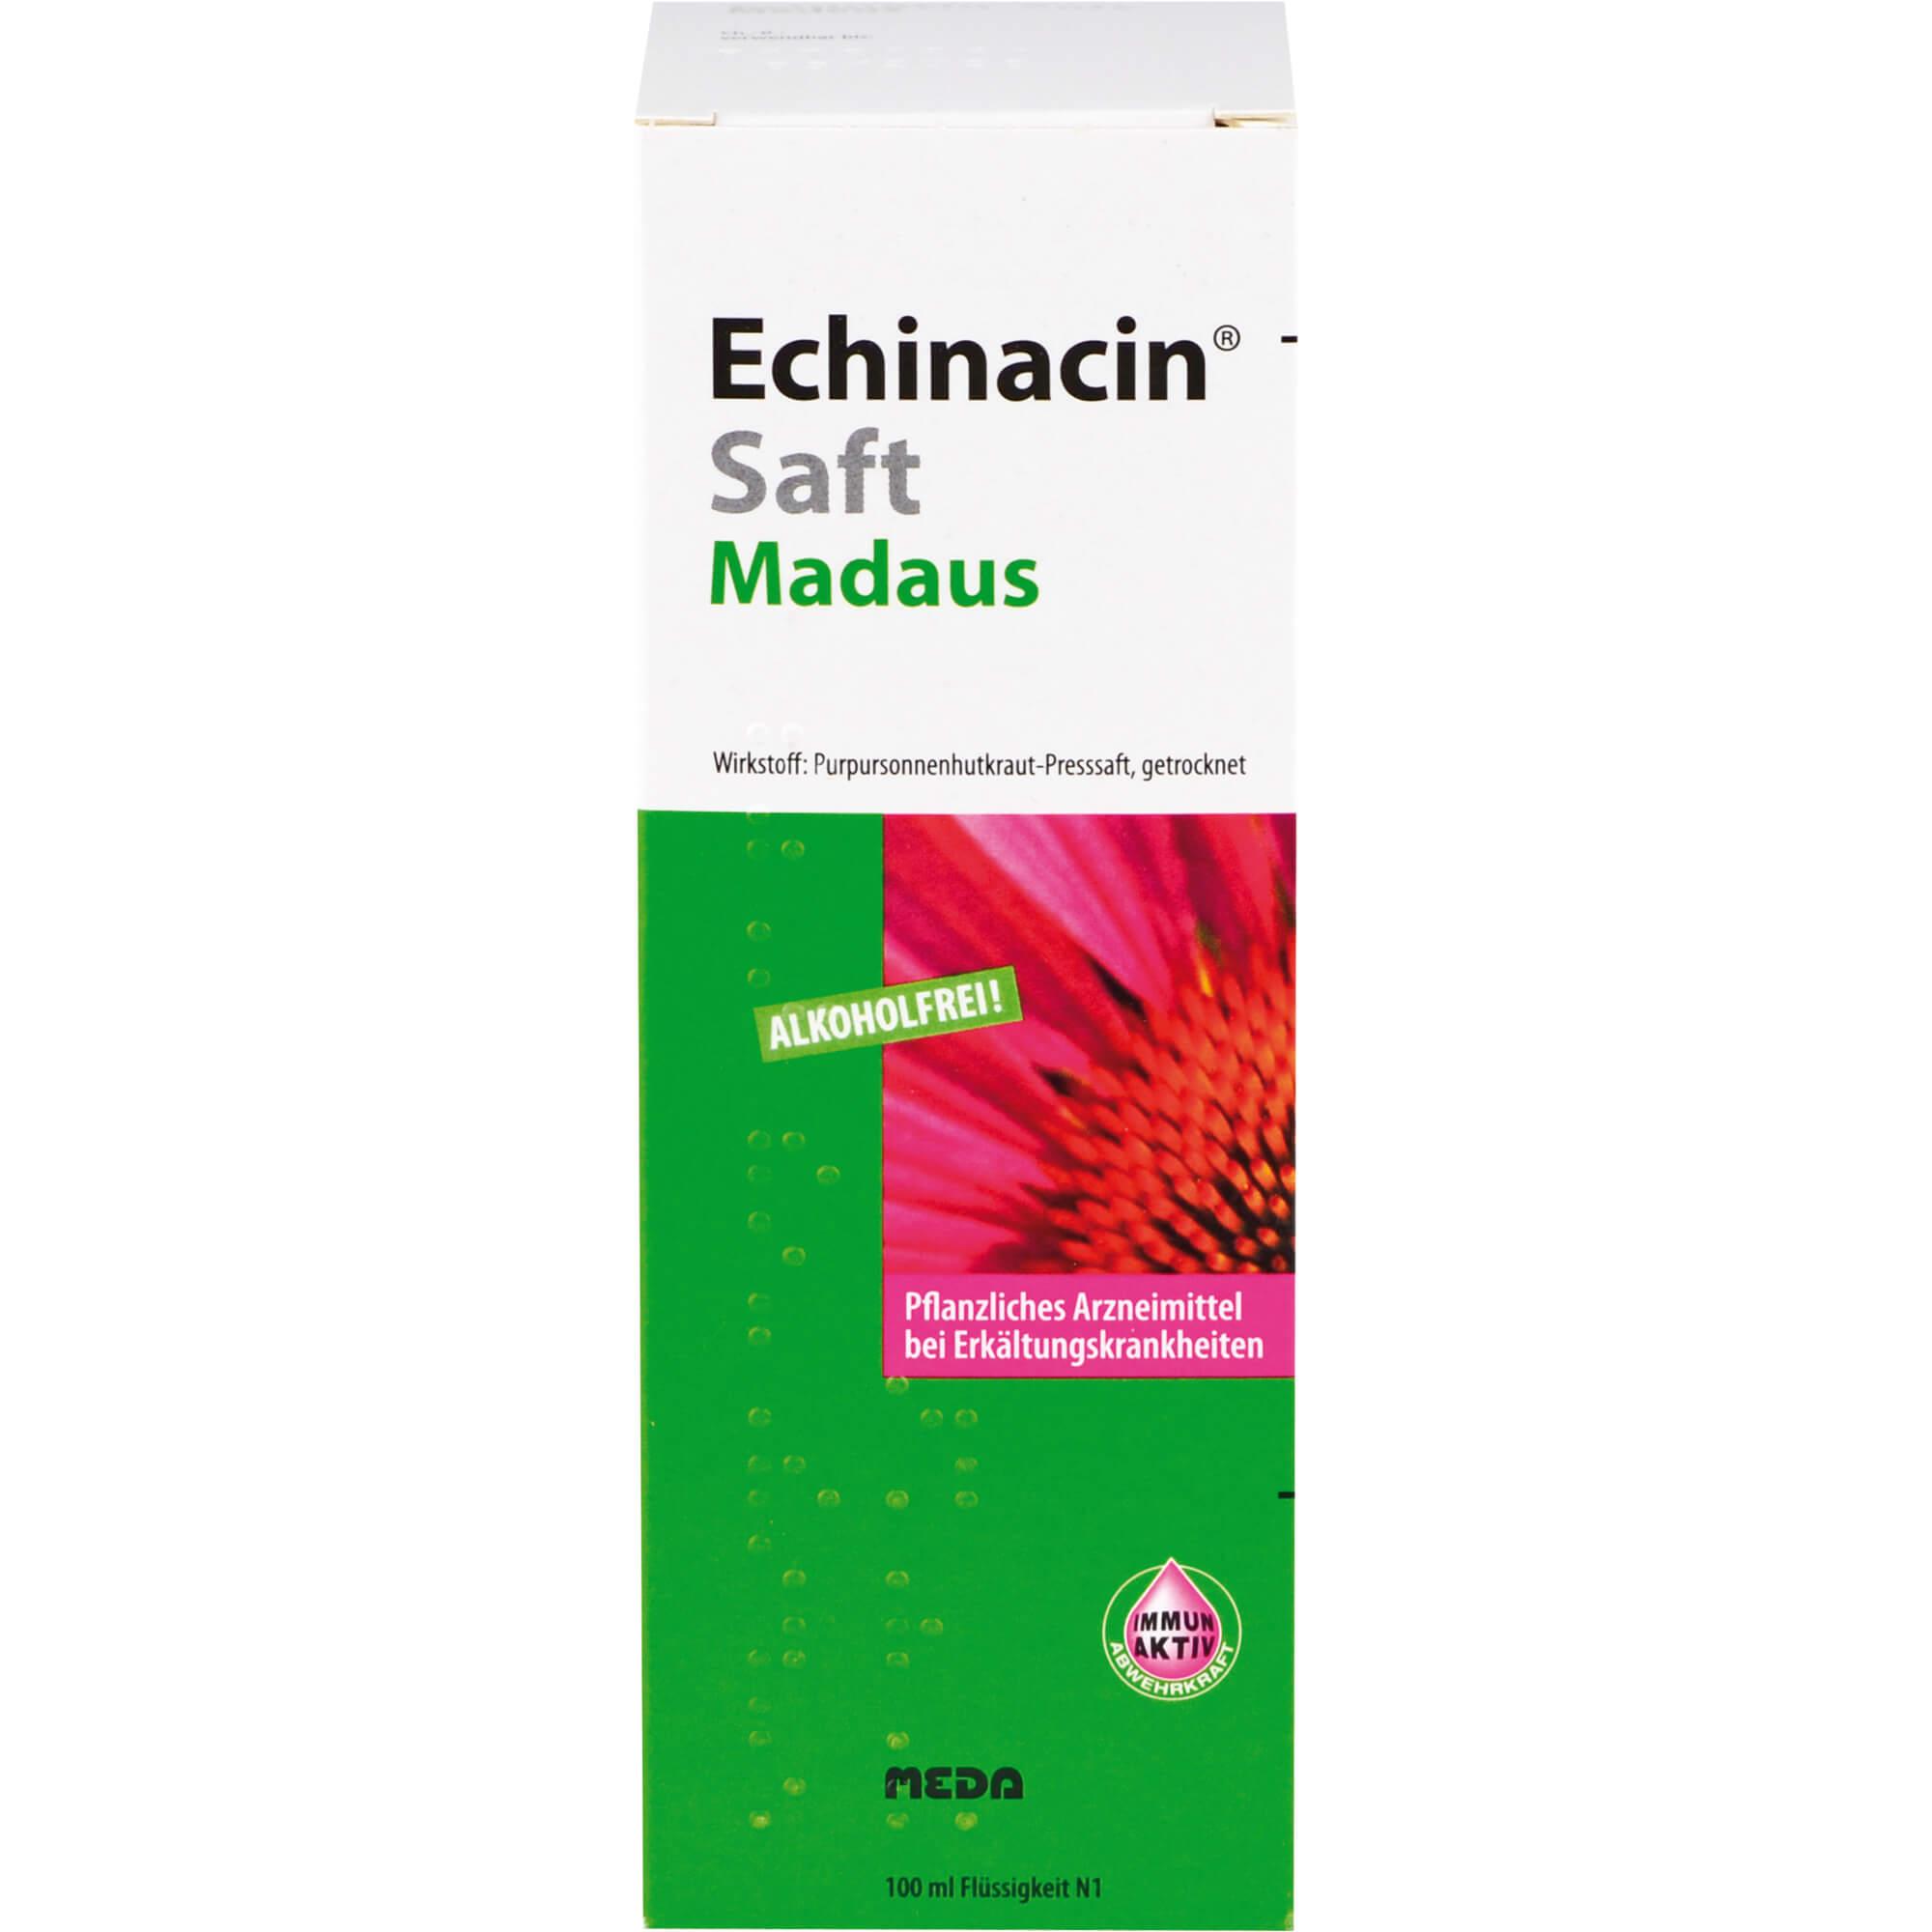 ECHINACIN-Saft